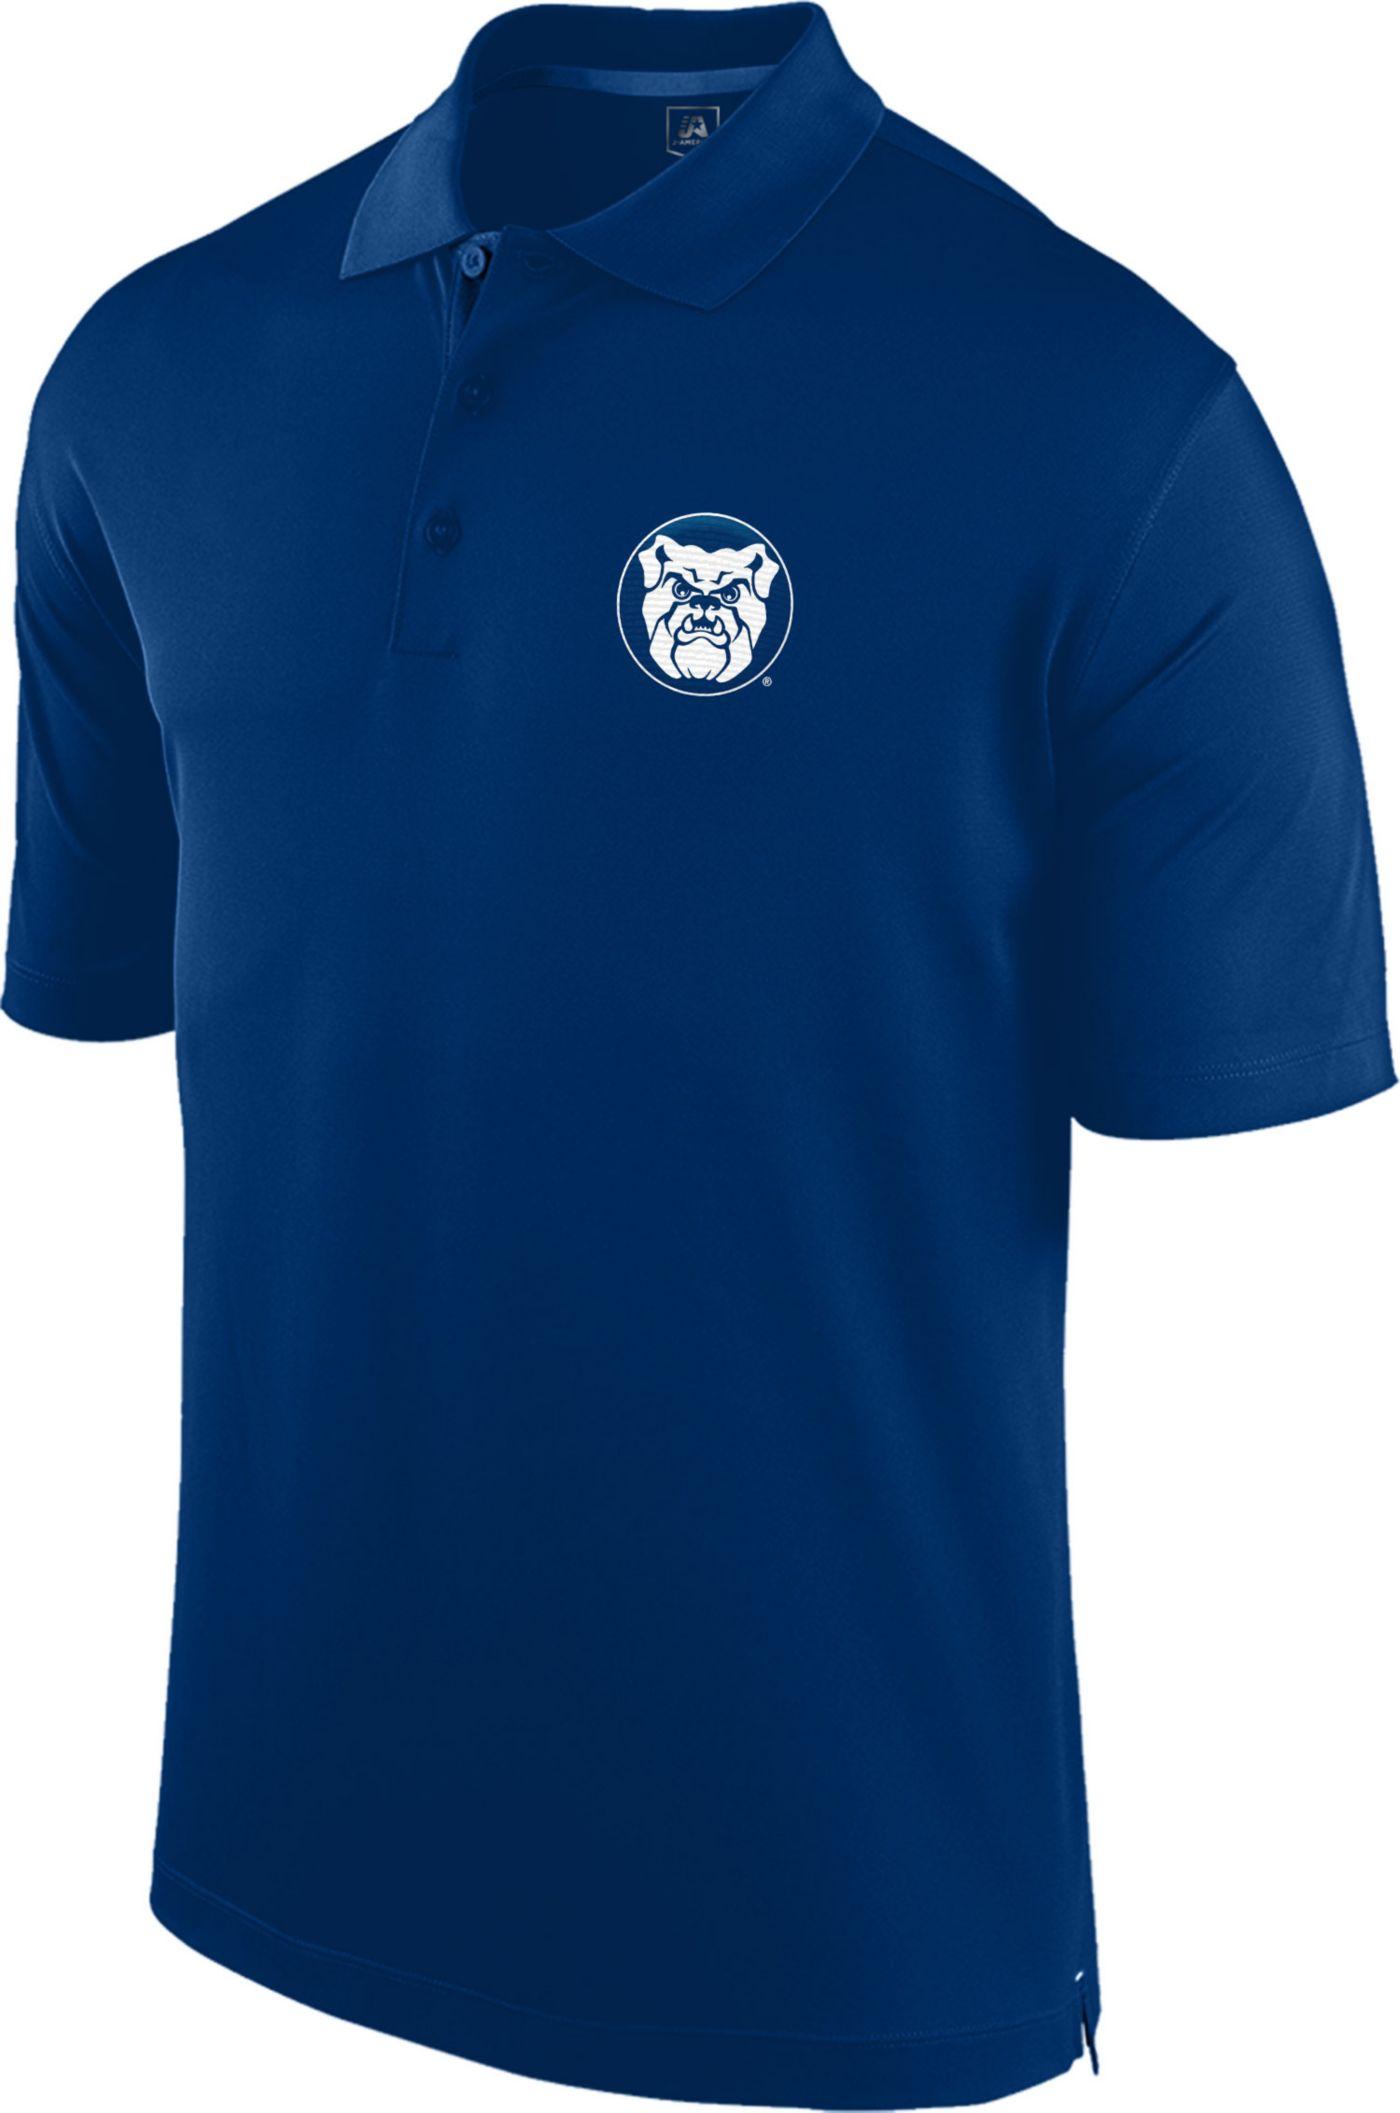 Top of the World Men's Butler Bulldogs Blue Spector Polo